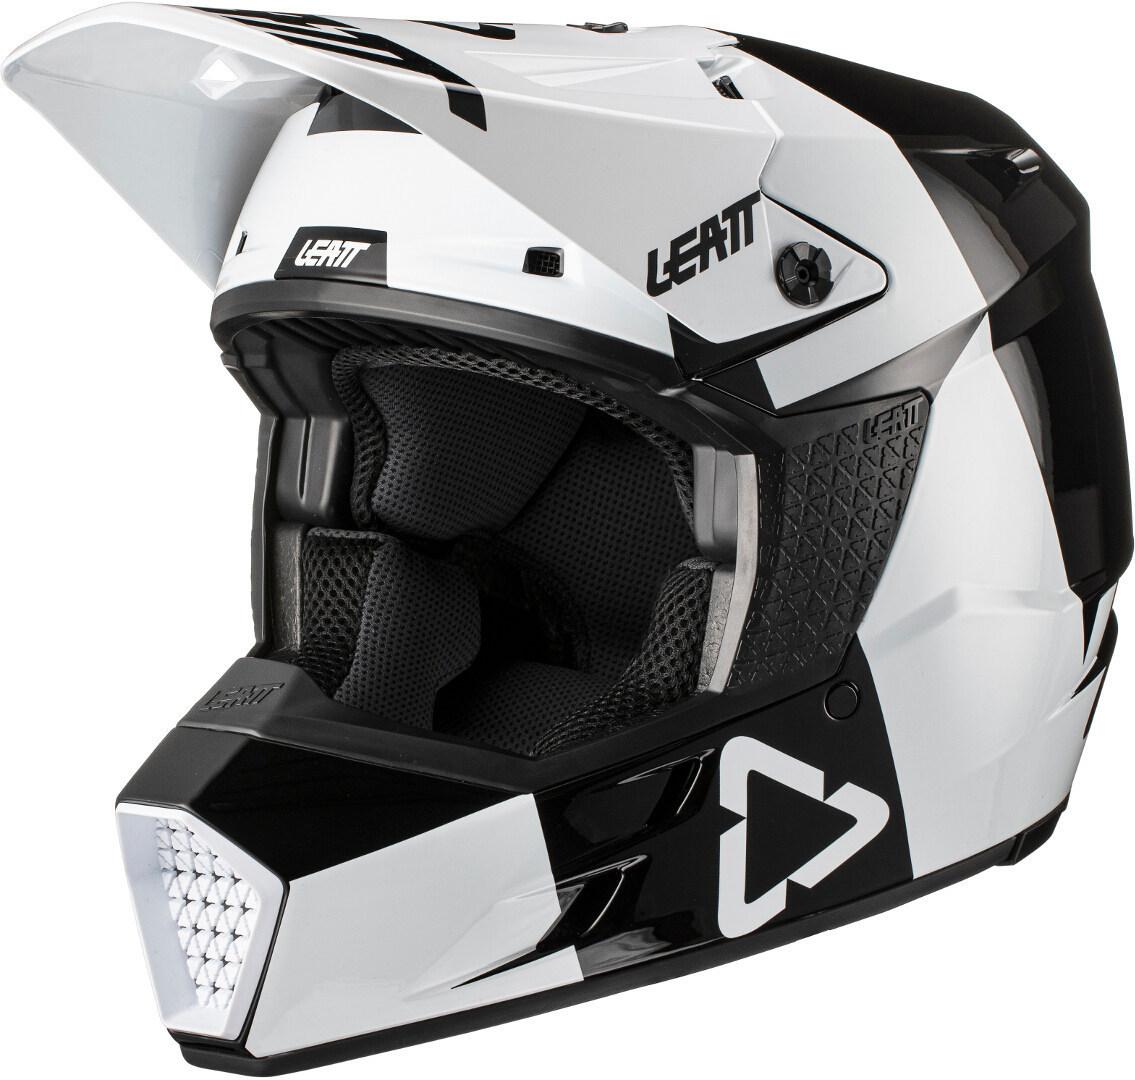 Leatt Moto 3.5 V21.3 Vertical Motocross Helm, schwarz-weiss, Größe 2XL, schwarz-weiss, Größe 2XL